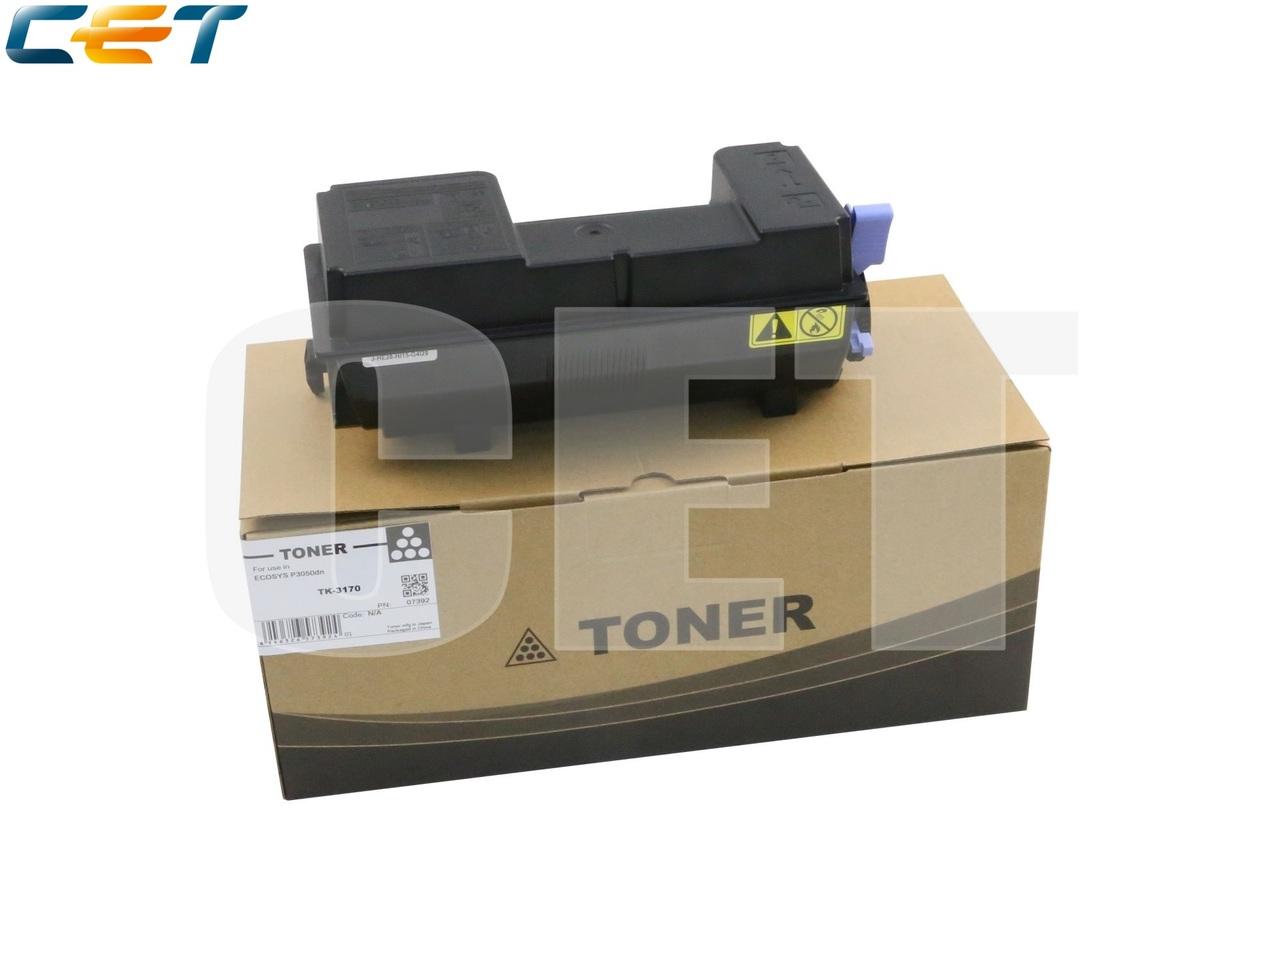 Тонер-картридж (PK9/PK10) TK-3170 для KYOCERA ECOSYSP3050dn (CET), 430г, 15500 стр., CET7392